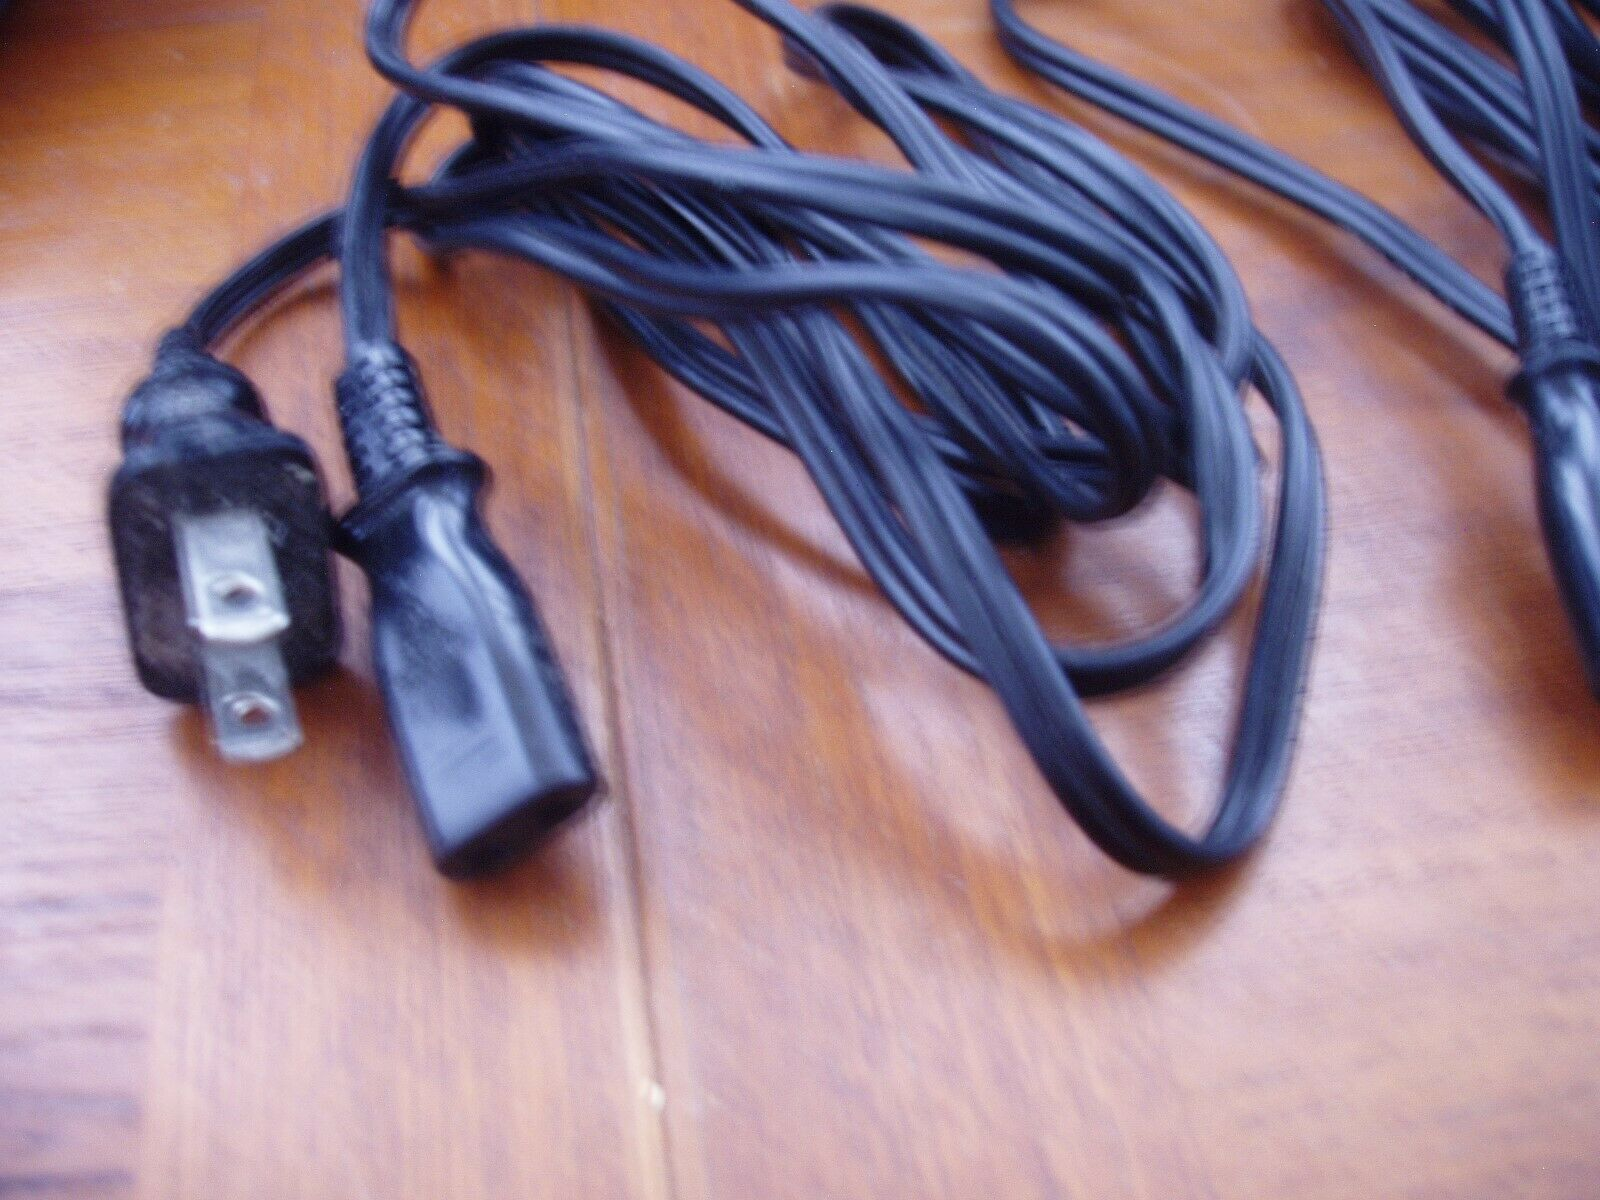 Panasonic Shortwave RADIO cable AC Cord ORIGINAL EQUIPMENT M